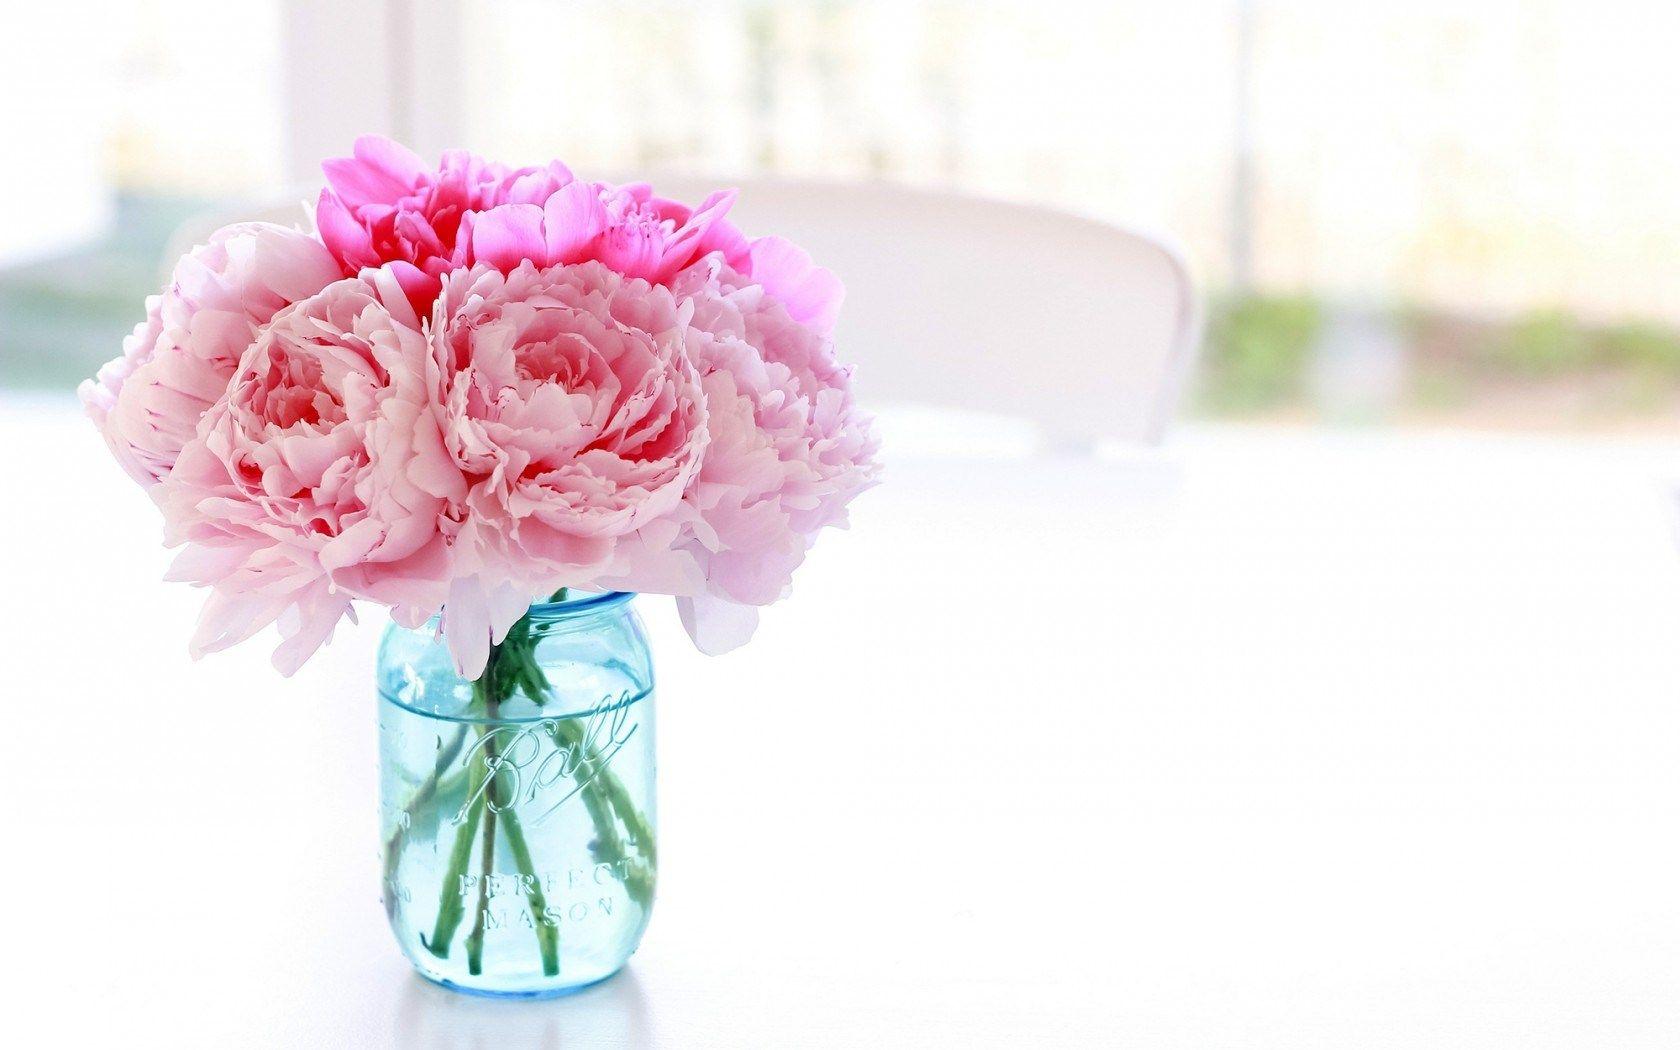 Peonies flowers pink jar flowers pinterest peony flower peony peonies flowers pink jar izmirmasajfo